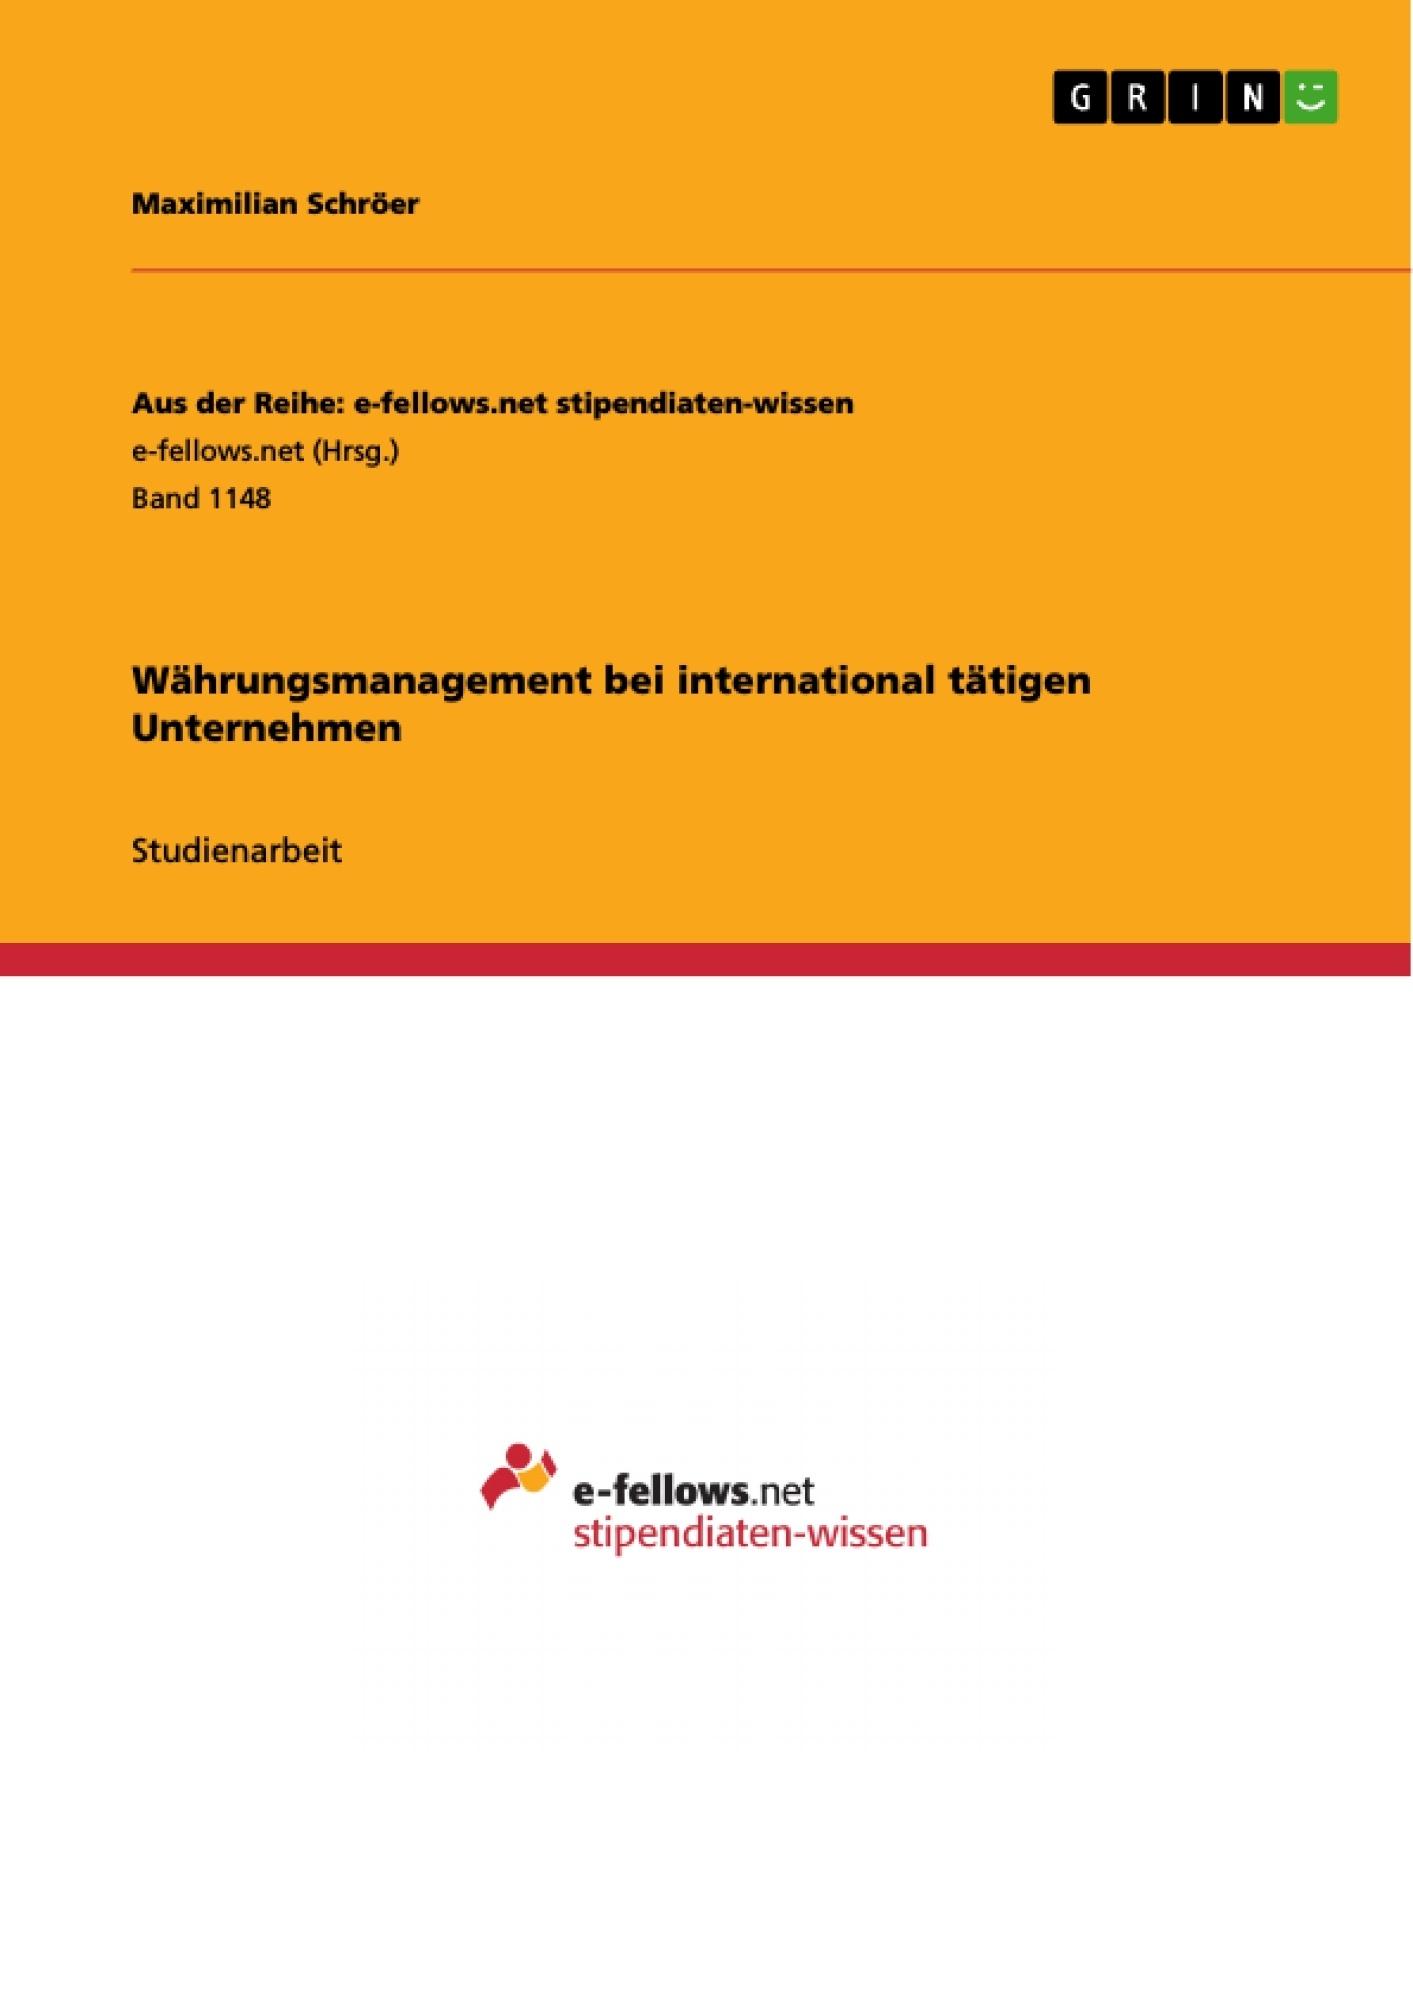 Titel: Währungsmanagement bei international tätigen Unternehmen